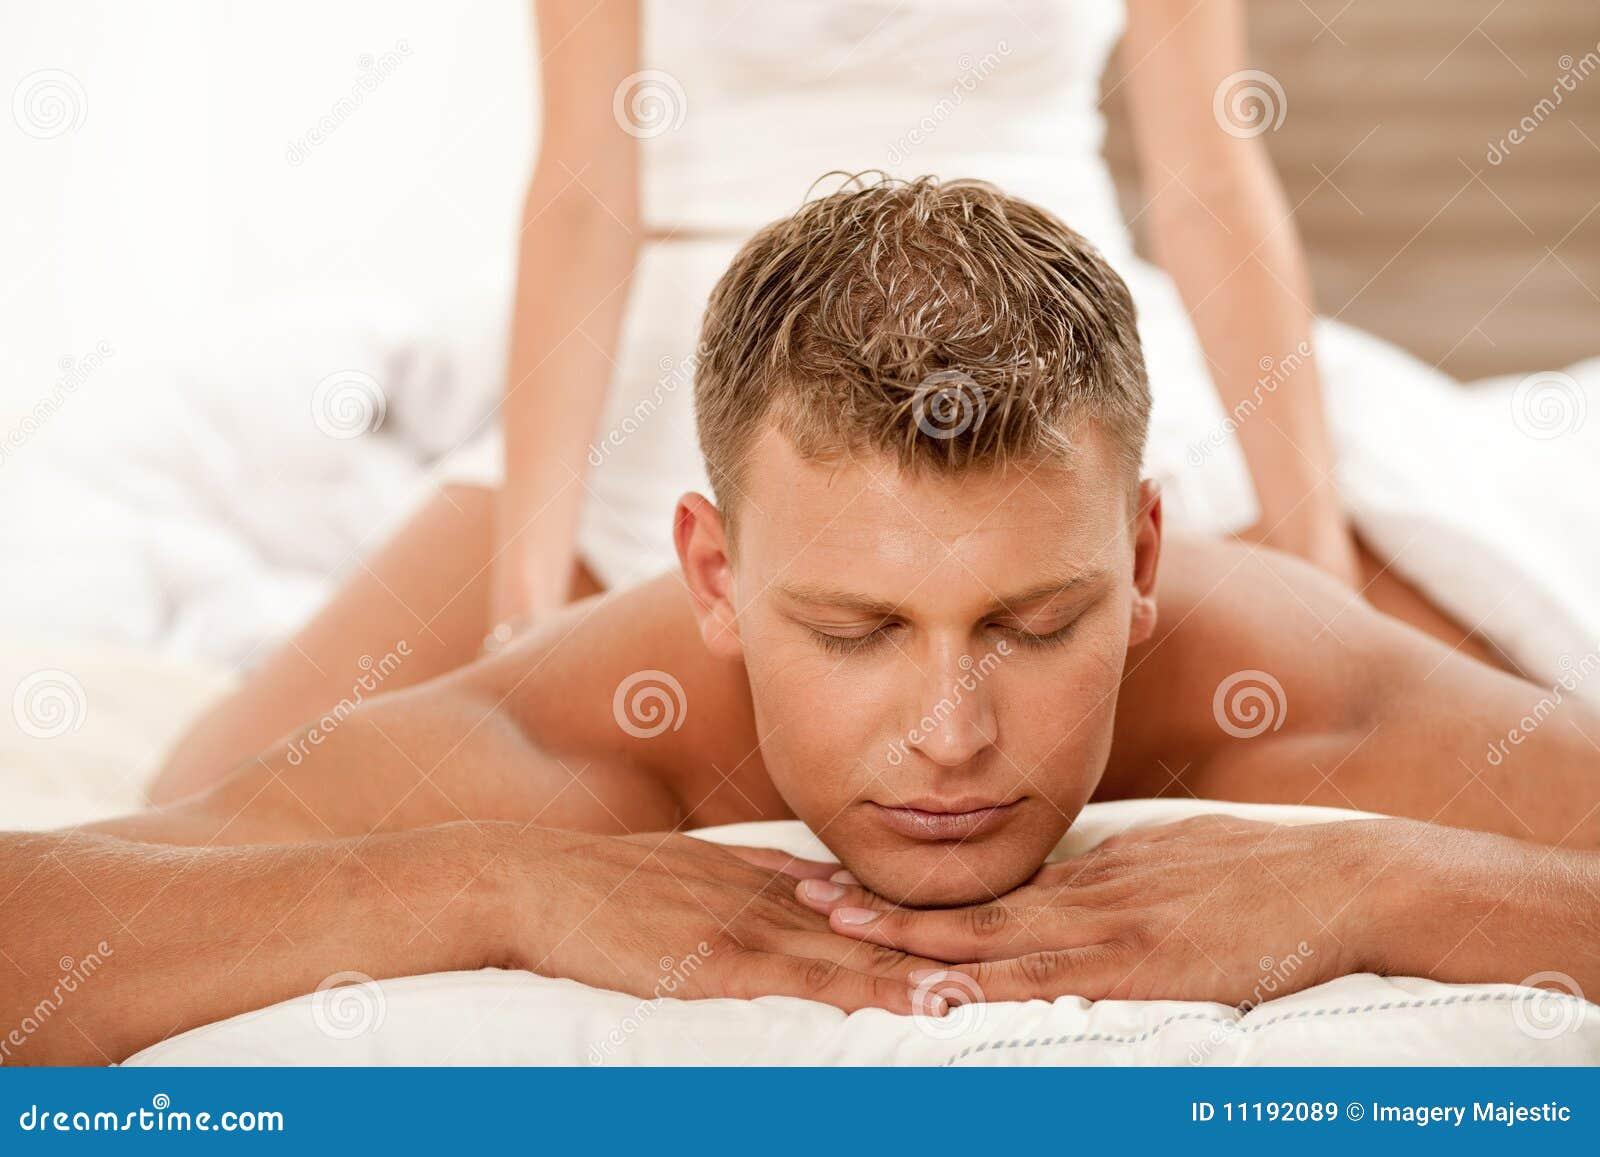 Эротический массаж спб купон 17 фотография